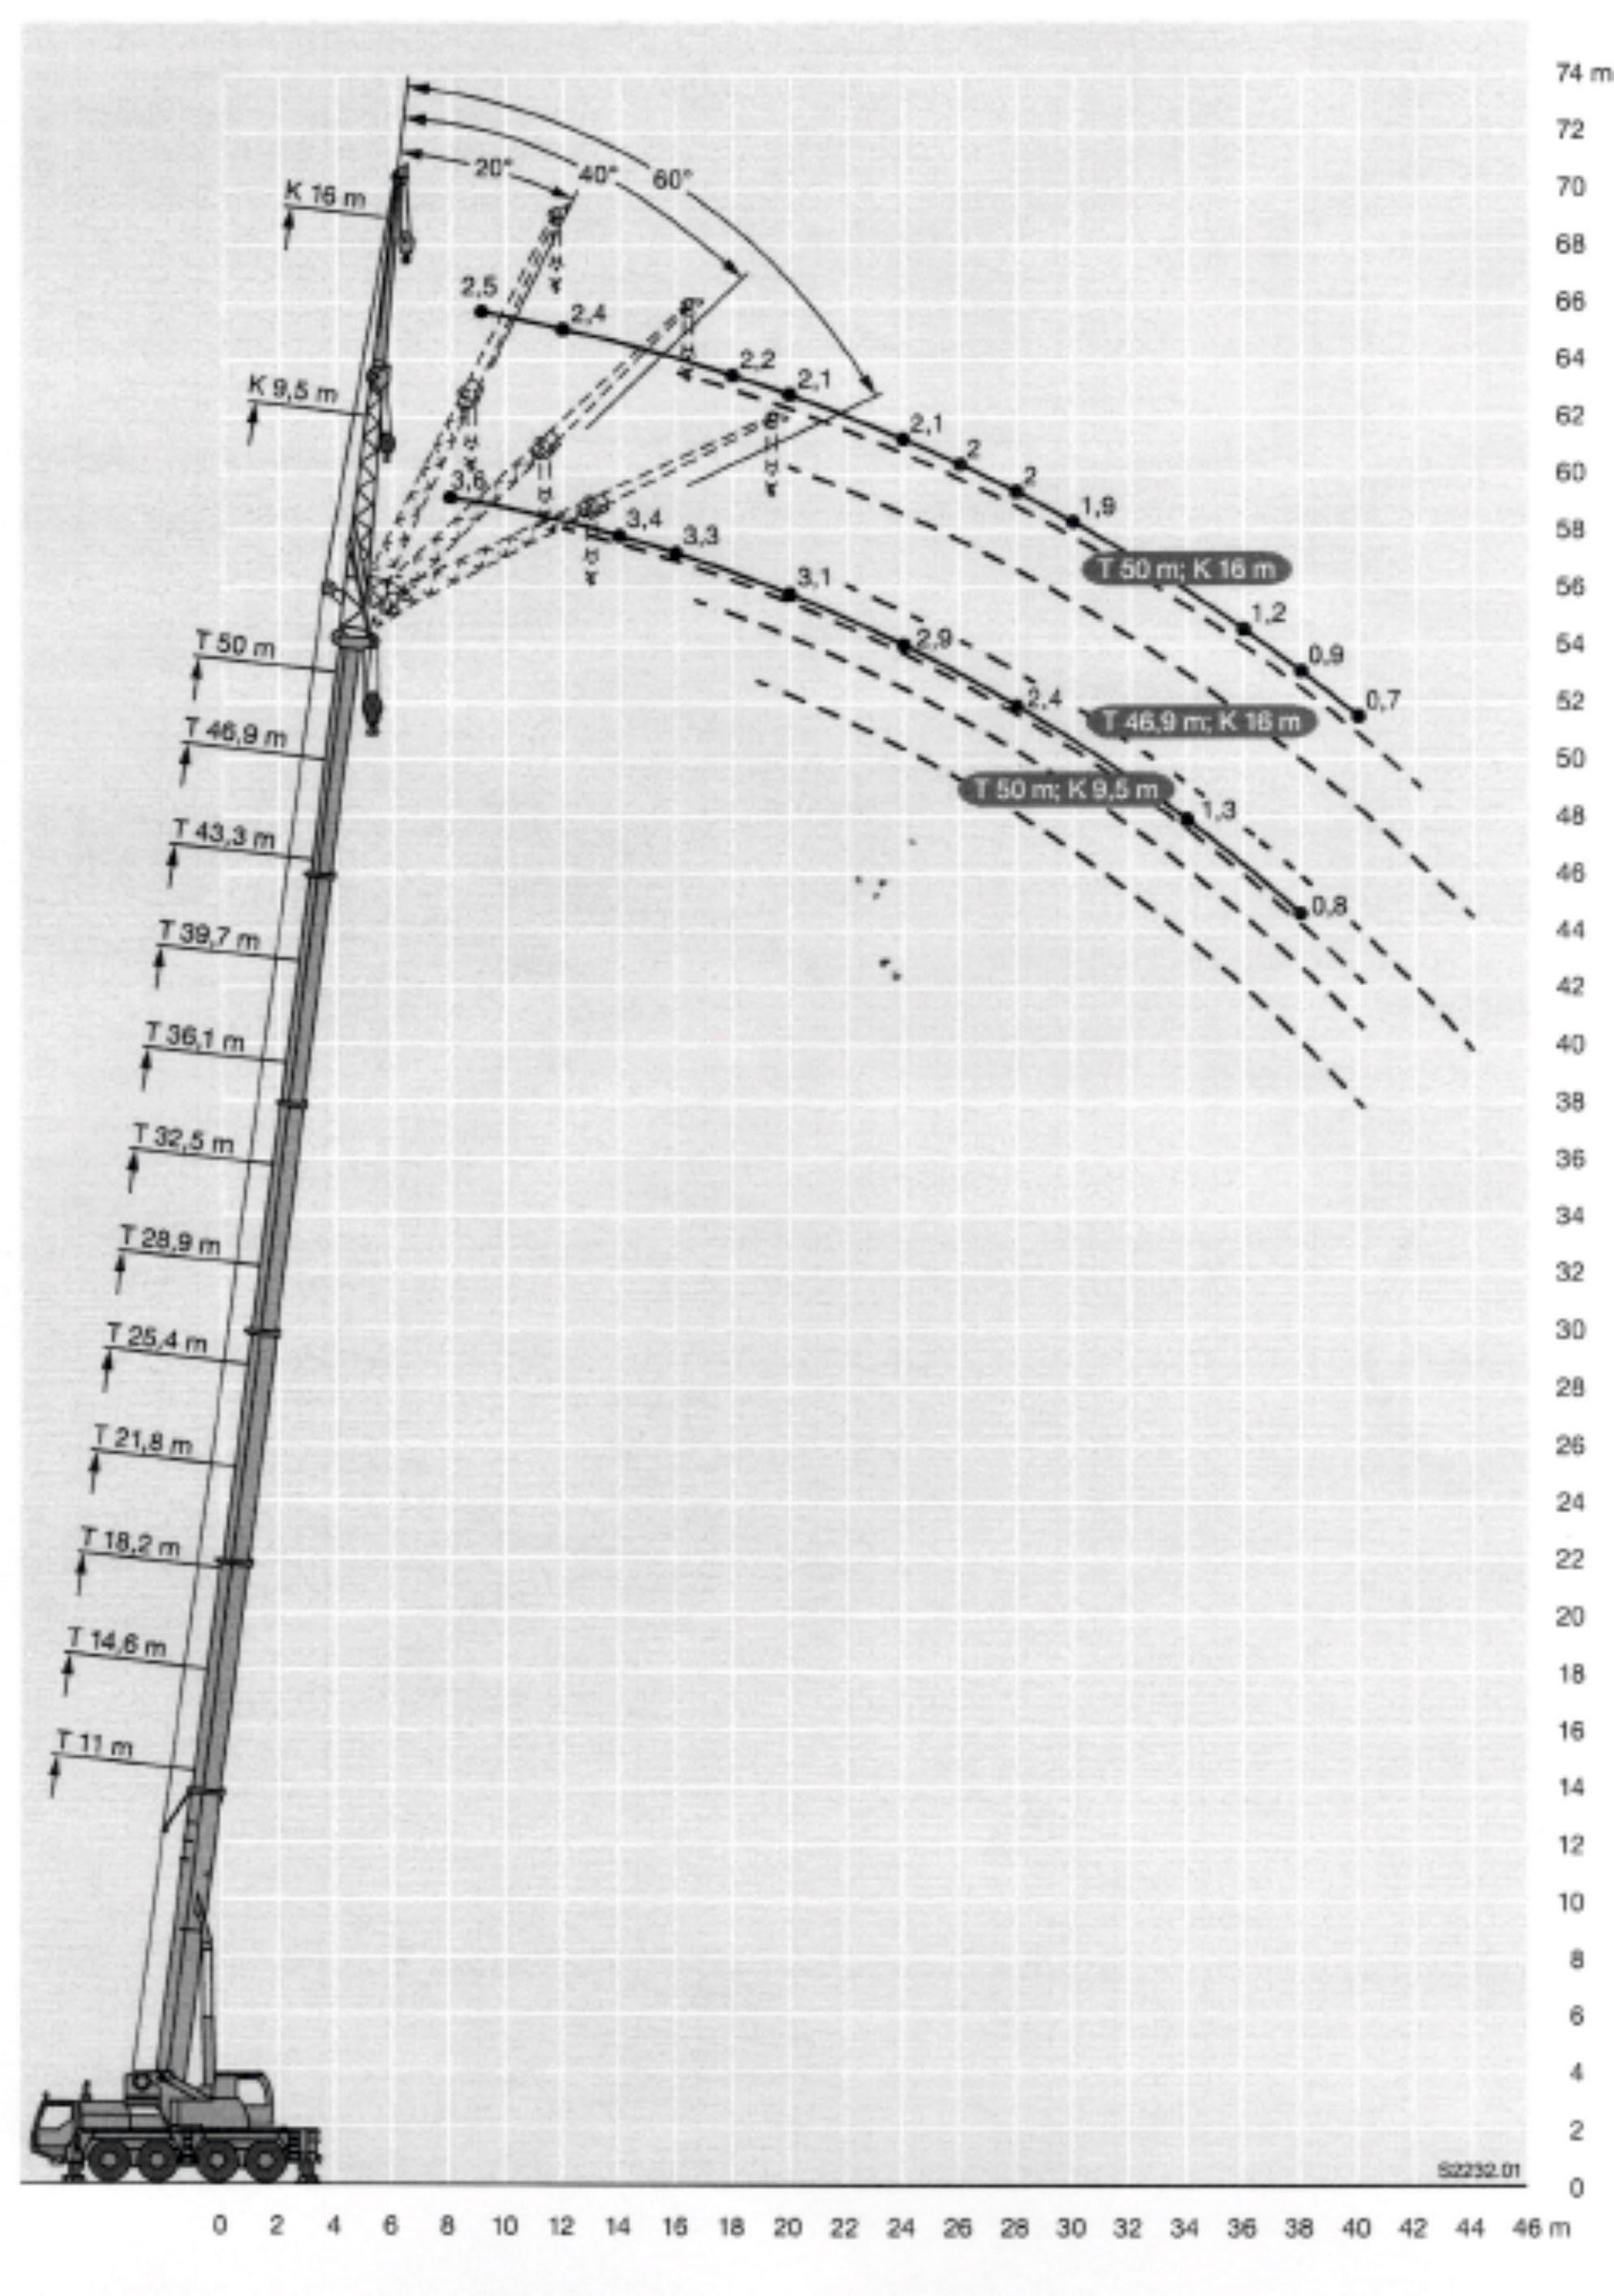 Inchiriere macara 70 de tone - diagrama 70 tone